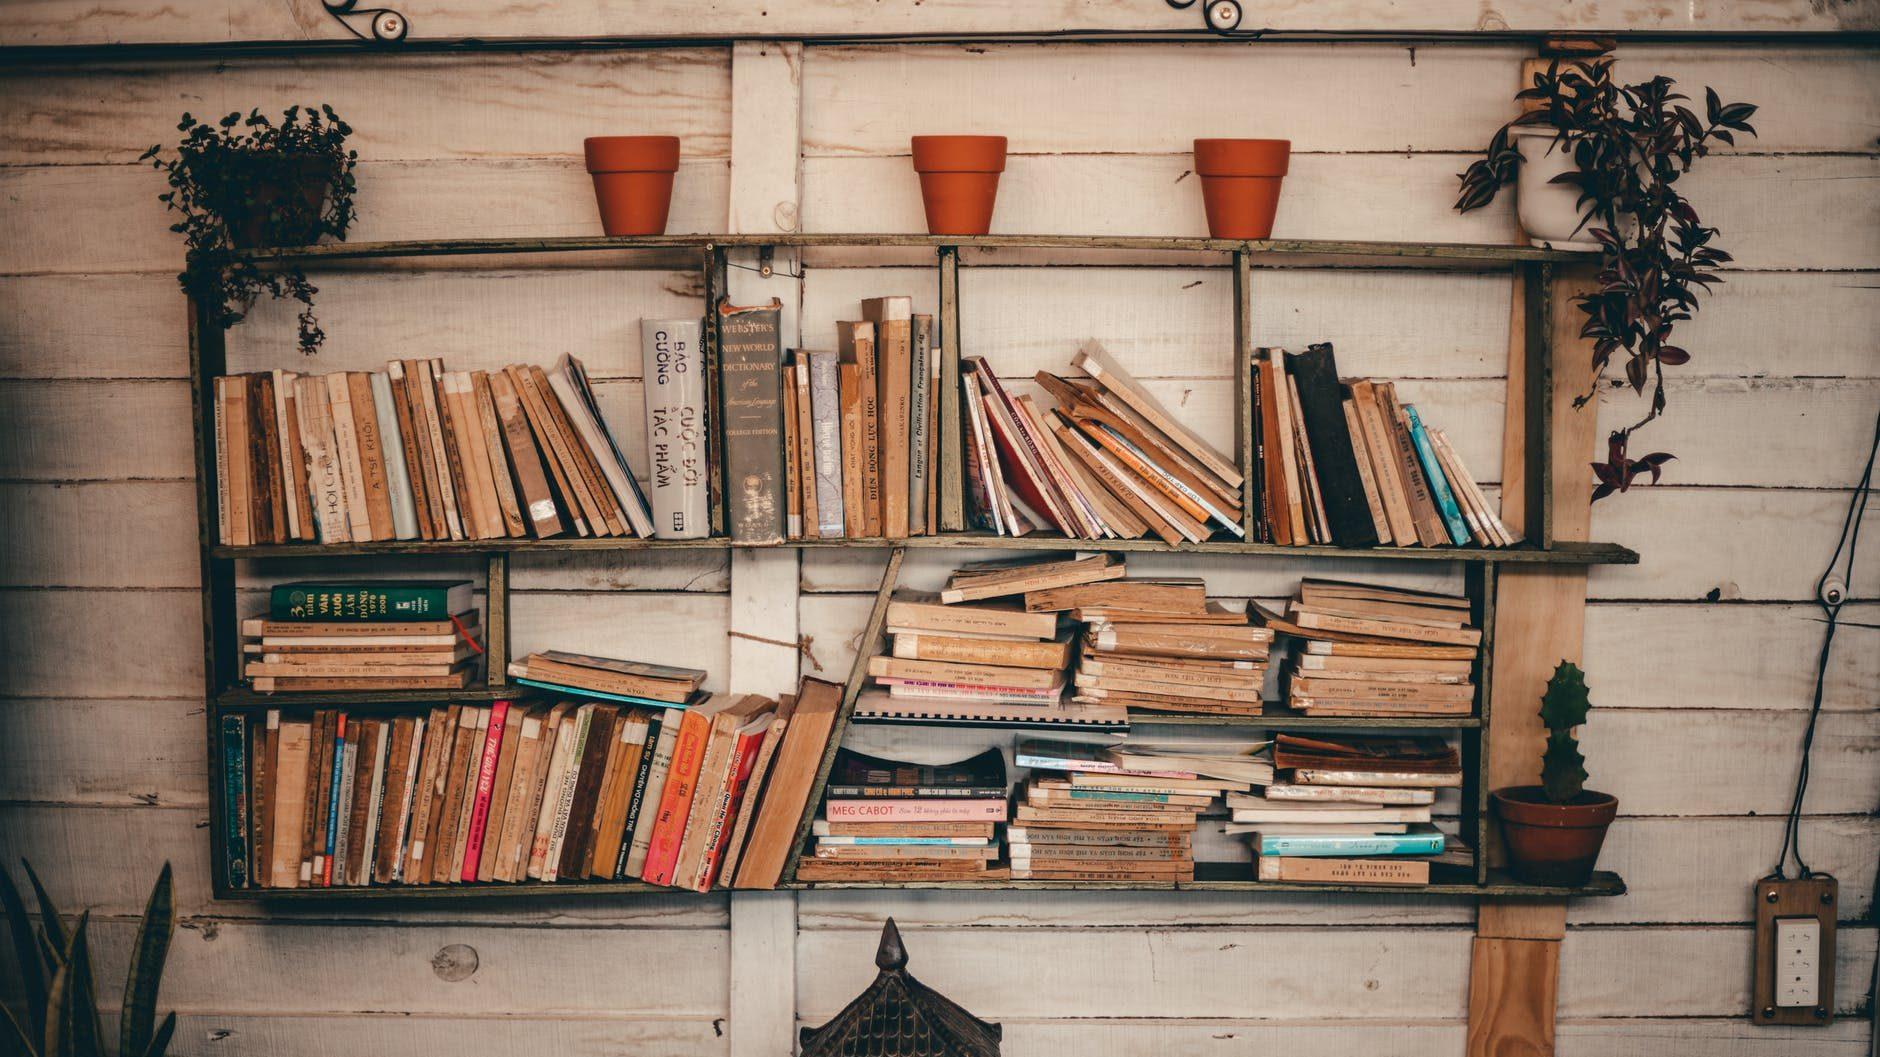 O književnim osvrtima i zašto ih ne pišem?